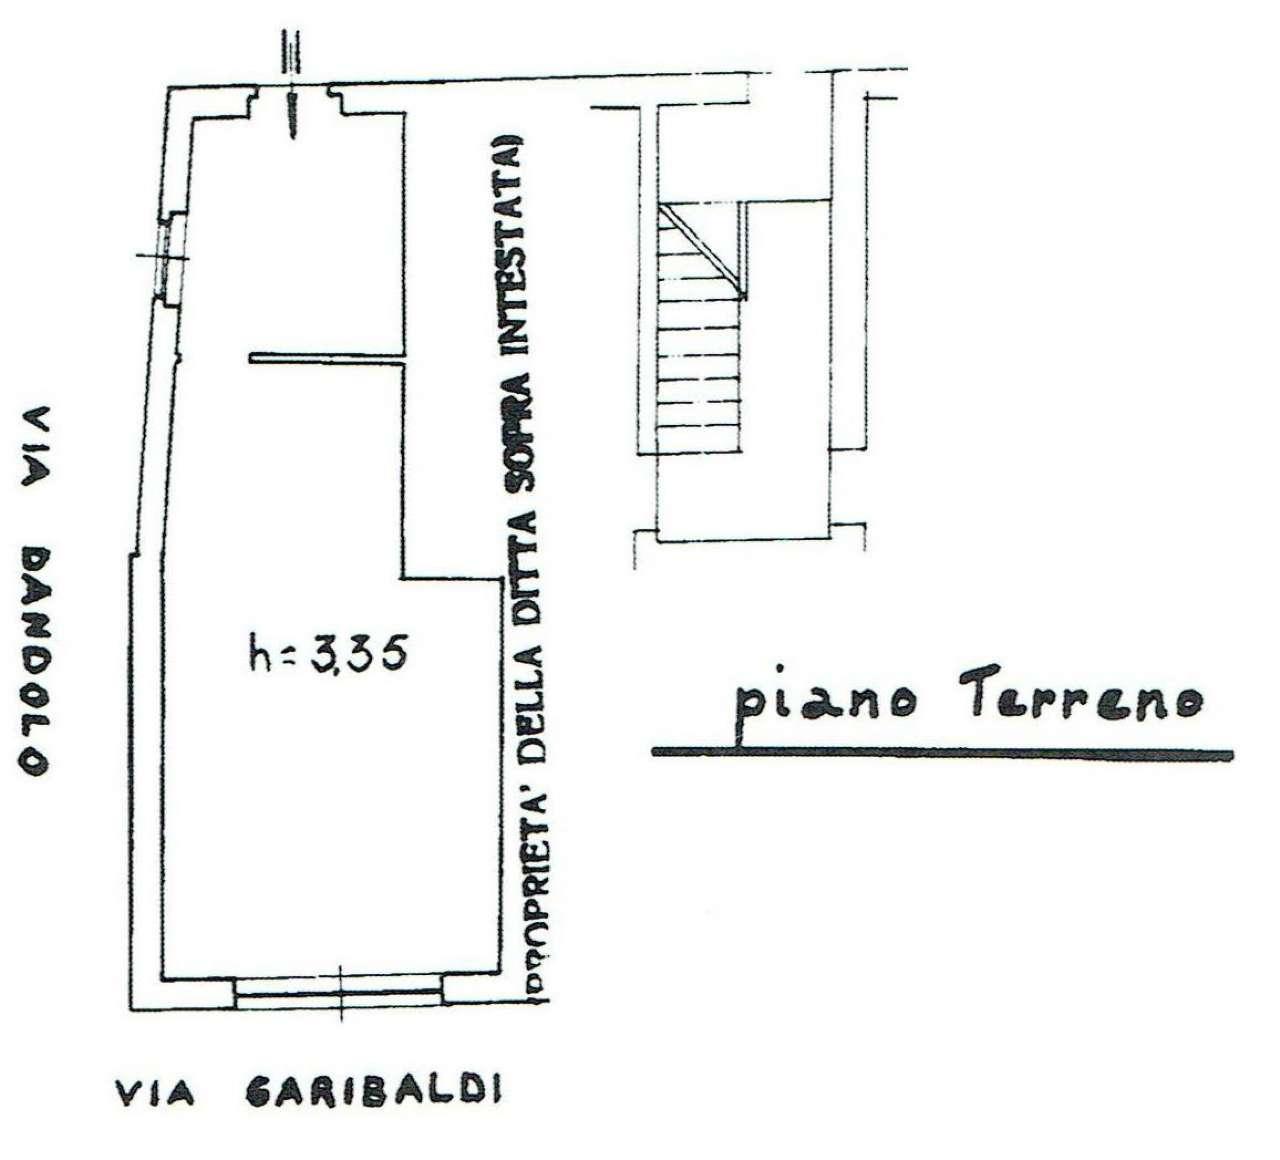 Negozio / Locale in affitto a Cinisello Balsamo, 1 locali, prezzo € 7.500 | Cambio Casa.it